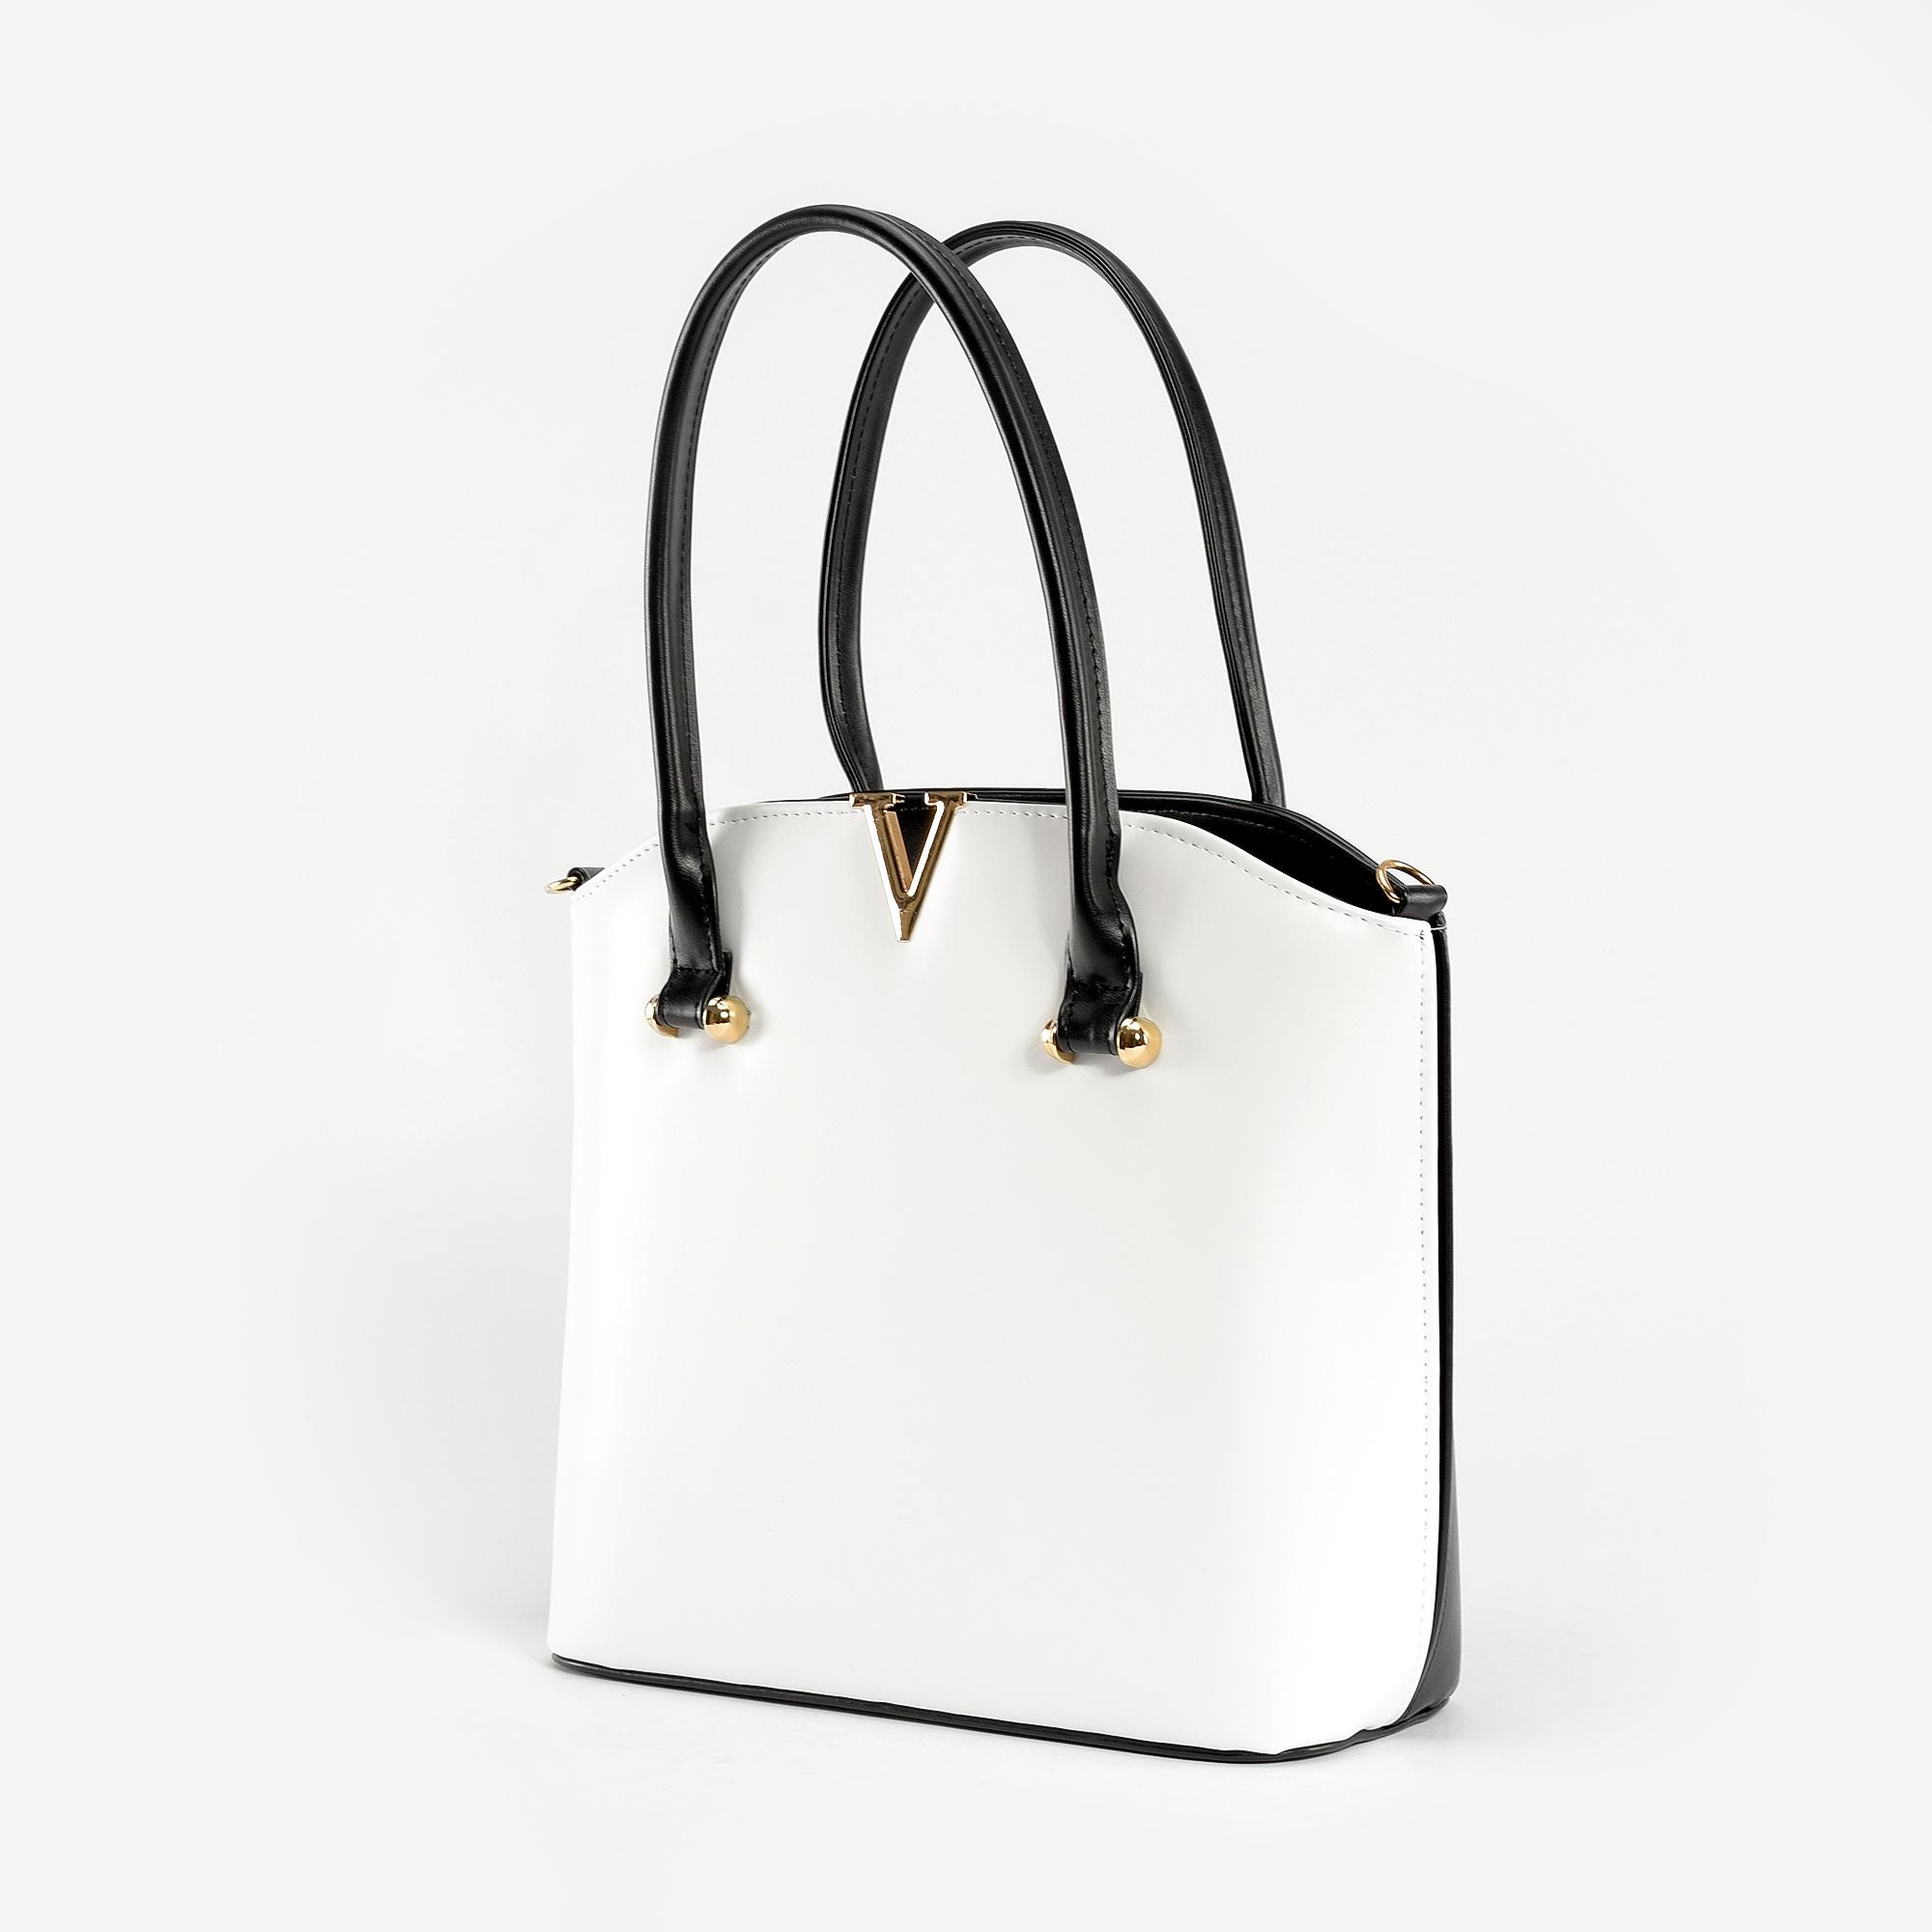 edb2febbfb24 Prestige Fekete-Fehér Női Rostbőr Válltáska - Válltáskák - Táska webáruház  - Minőségi táskák mindenkinek